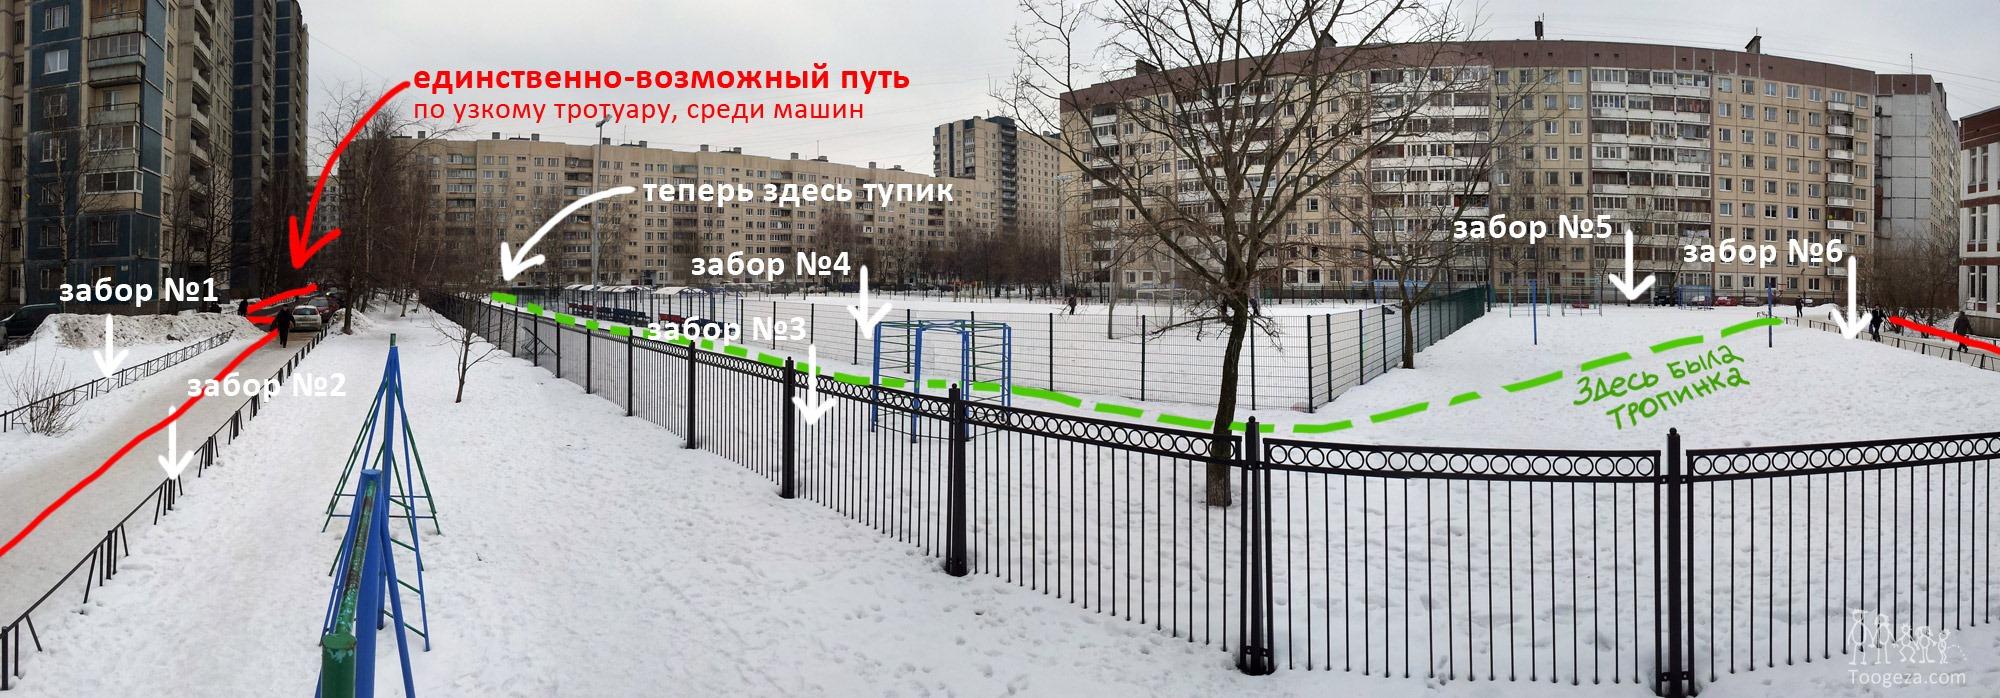 https://toogeza.com/wp-content/uploads/2013/02/zabor-panorama-02.jpg